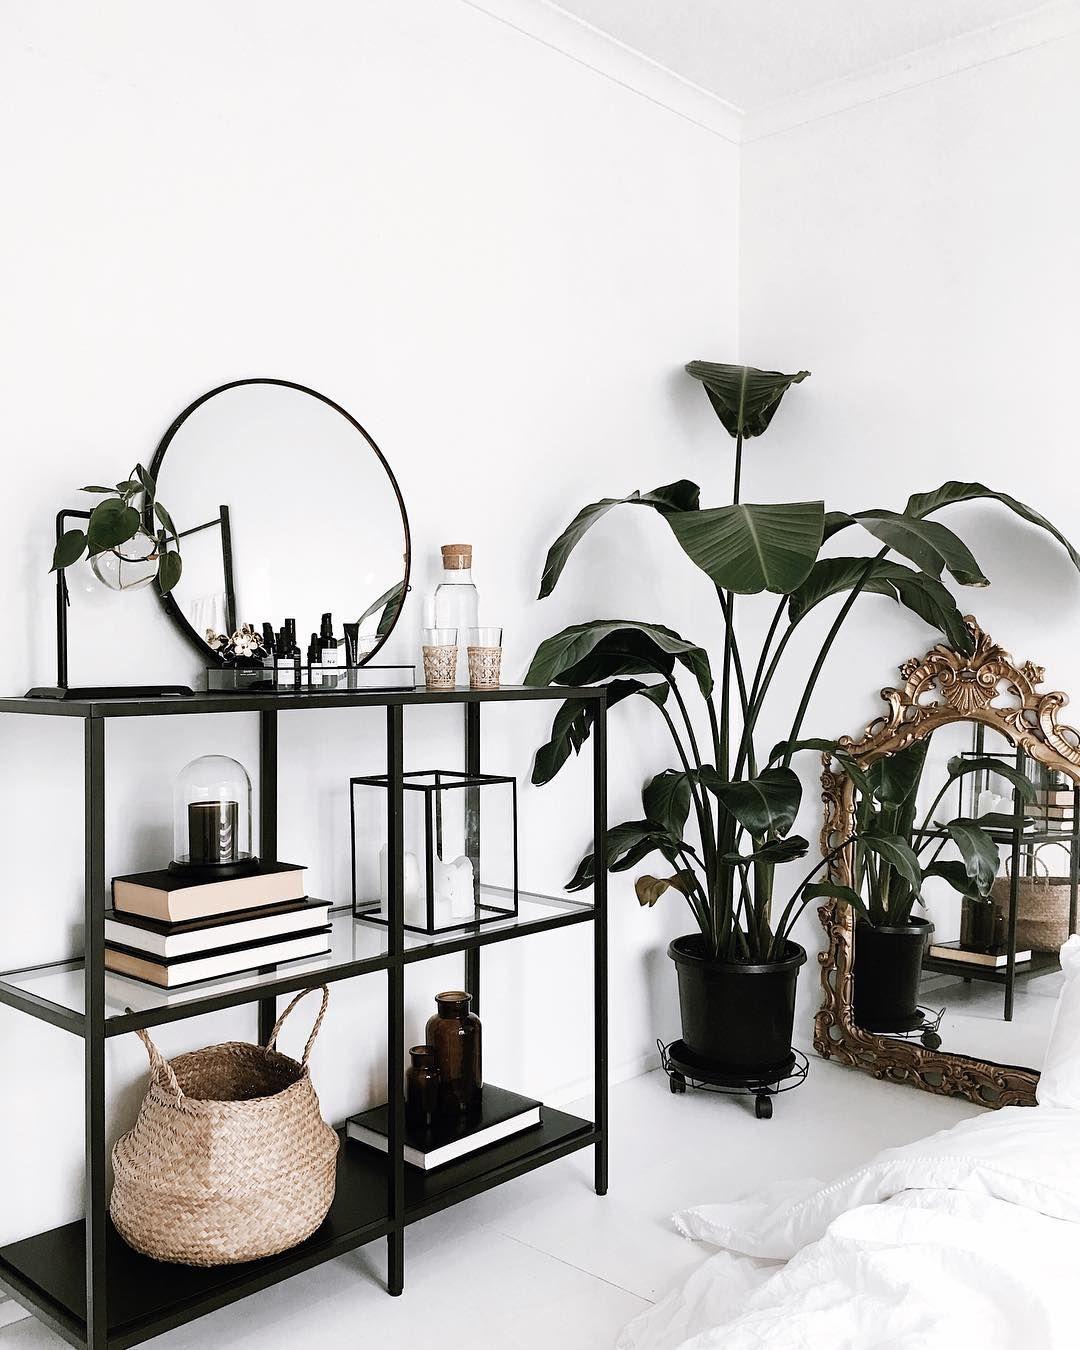 Home Design Ideas Instagram: Home Decor, Interior Design Living Room, Home